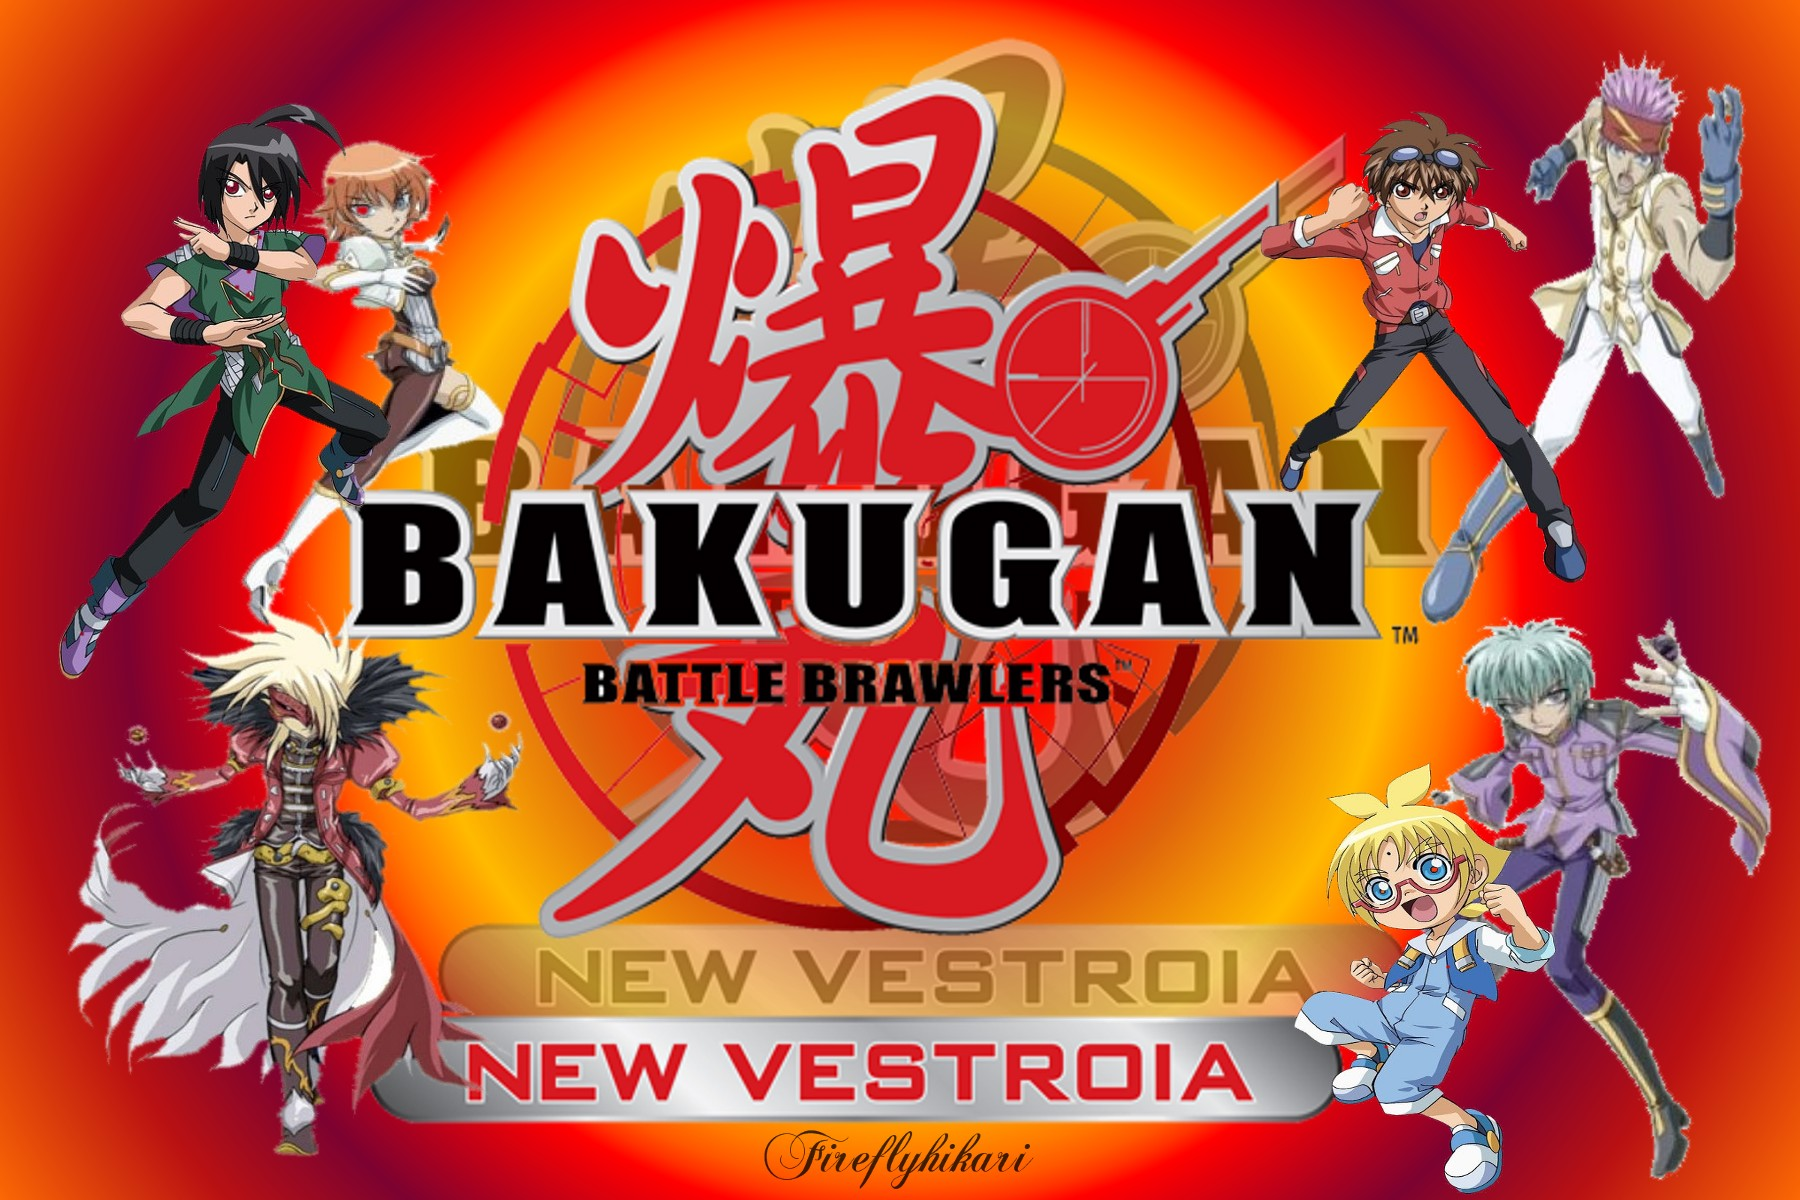 Bakugan Battle Brawlers HD Wallpaper  HD 4K 5K 6K 8K